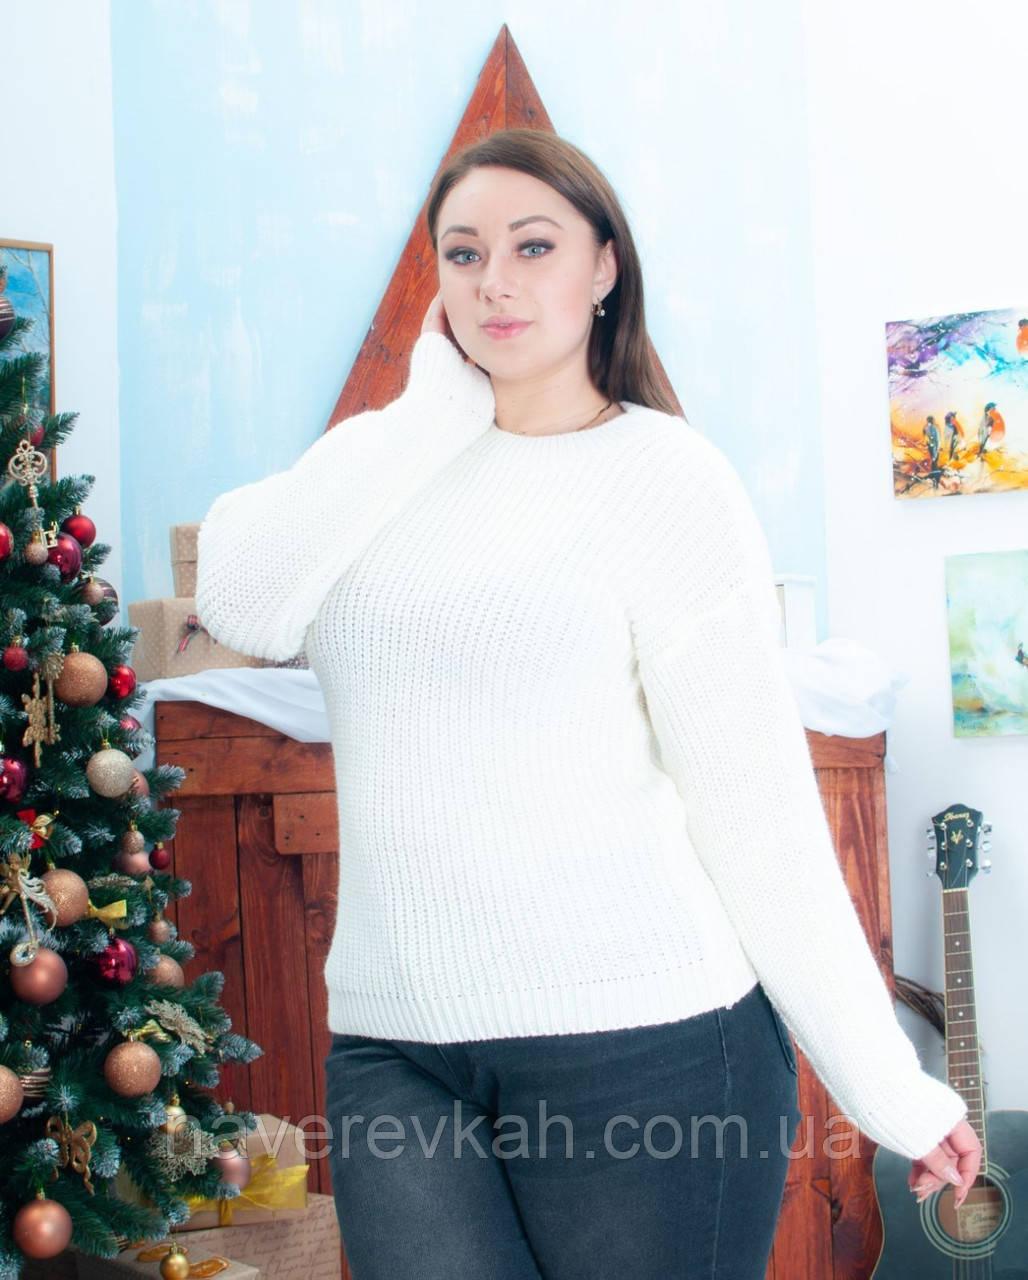 Женский зимний теплый свитер вязка молочный шоколадный 48-54